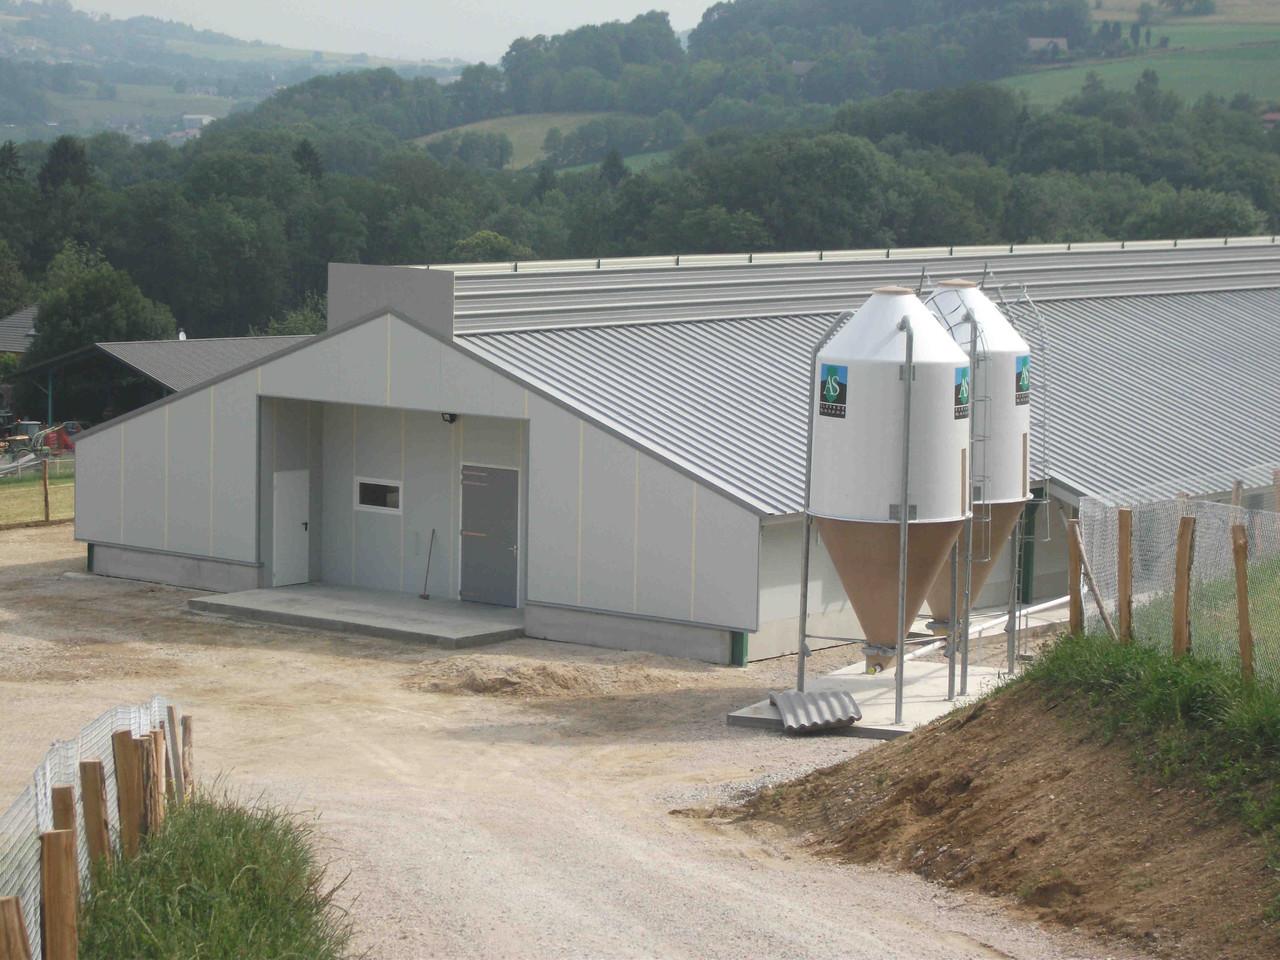 B timents avec jardin d 39 hiver bfc constructions construction de b tim - Construire un batiment industriel ...